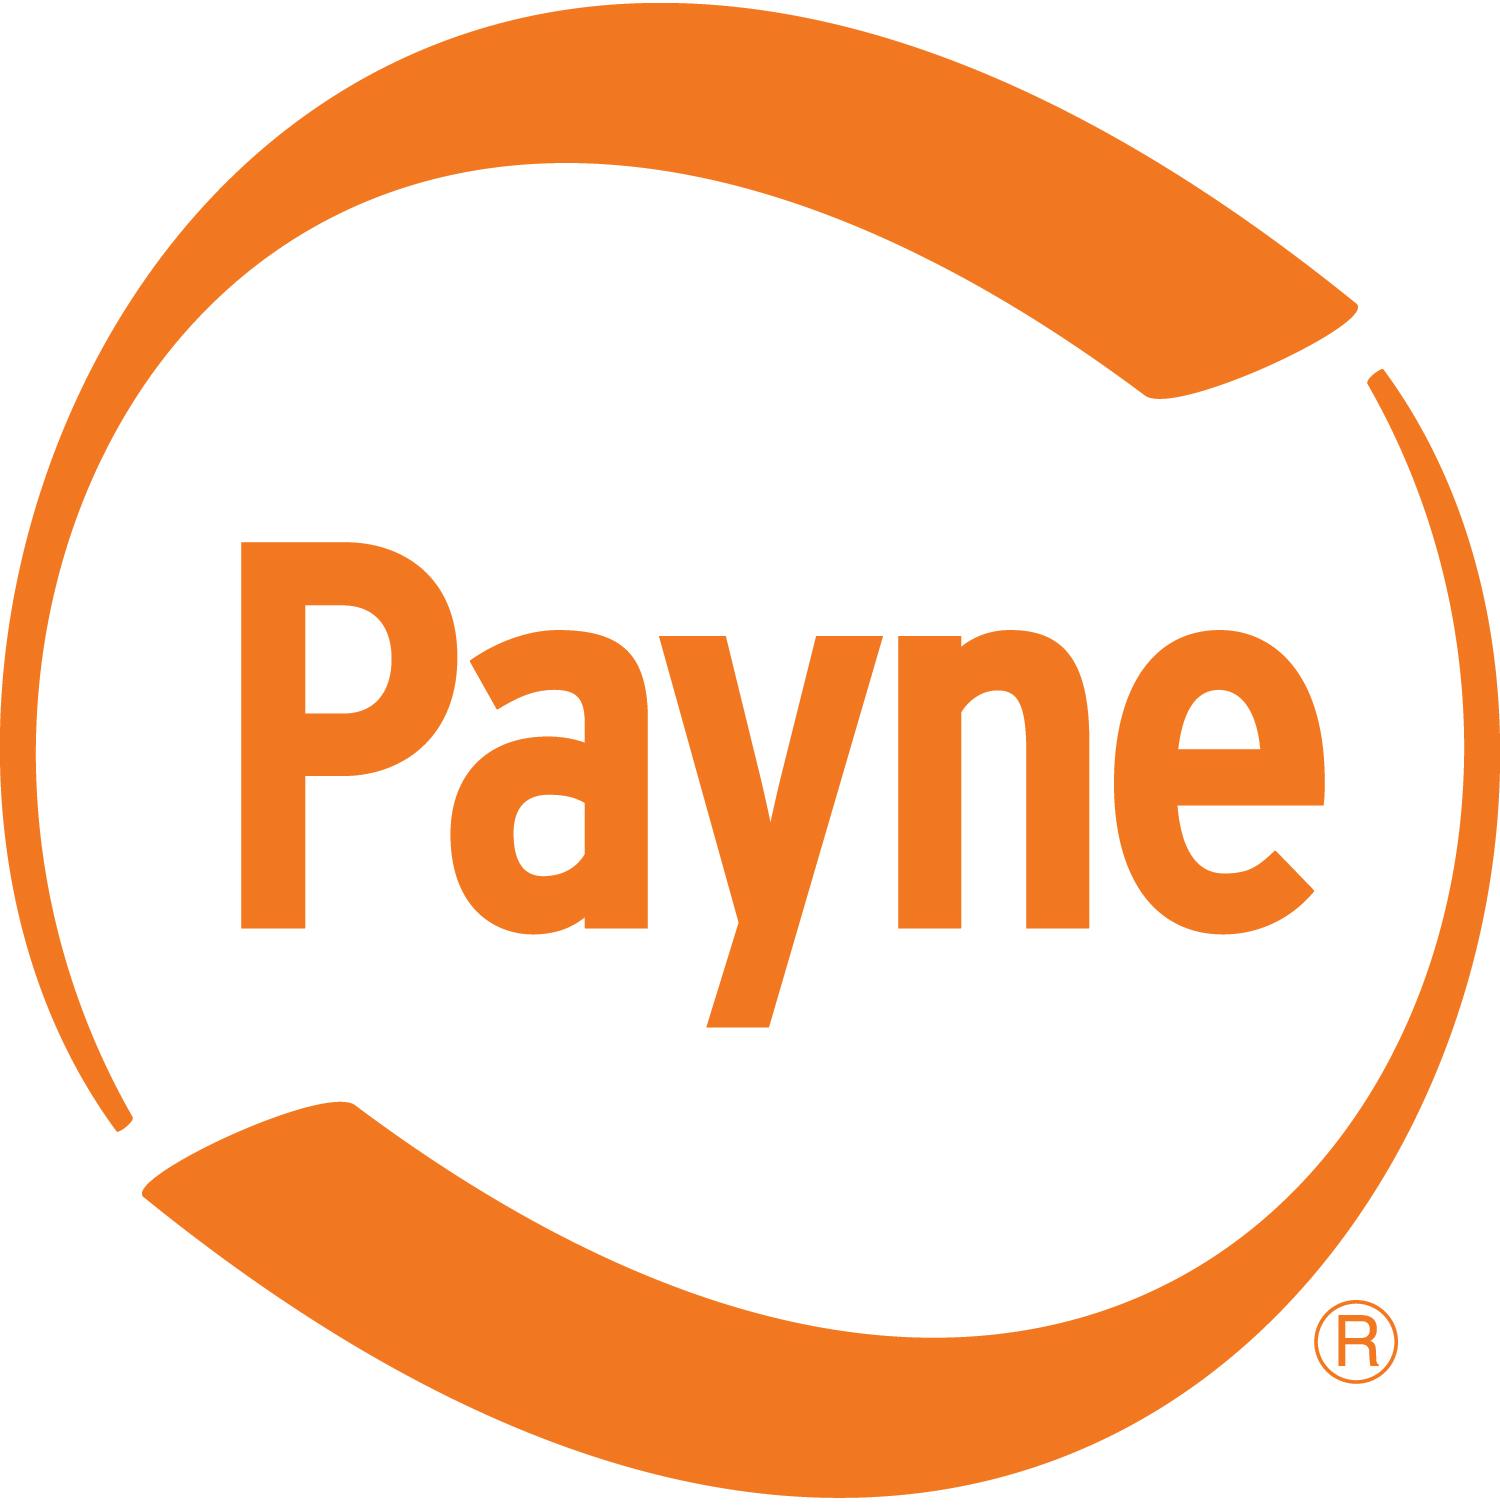 Payne logo